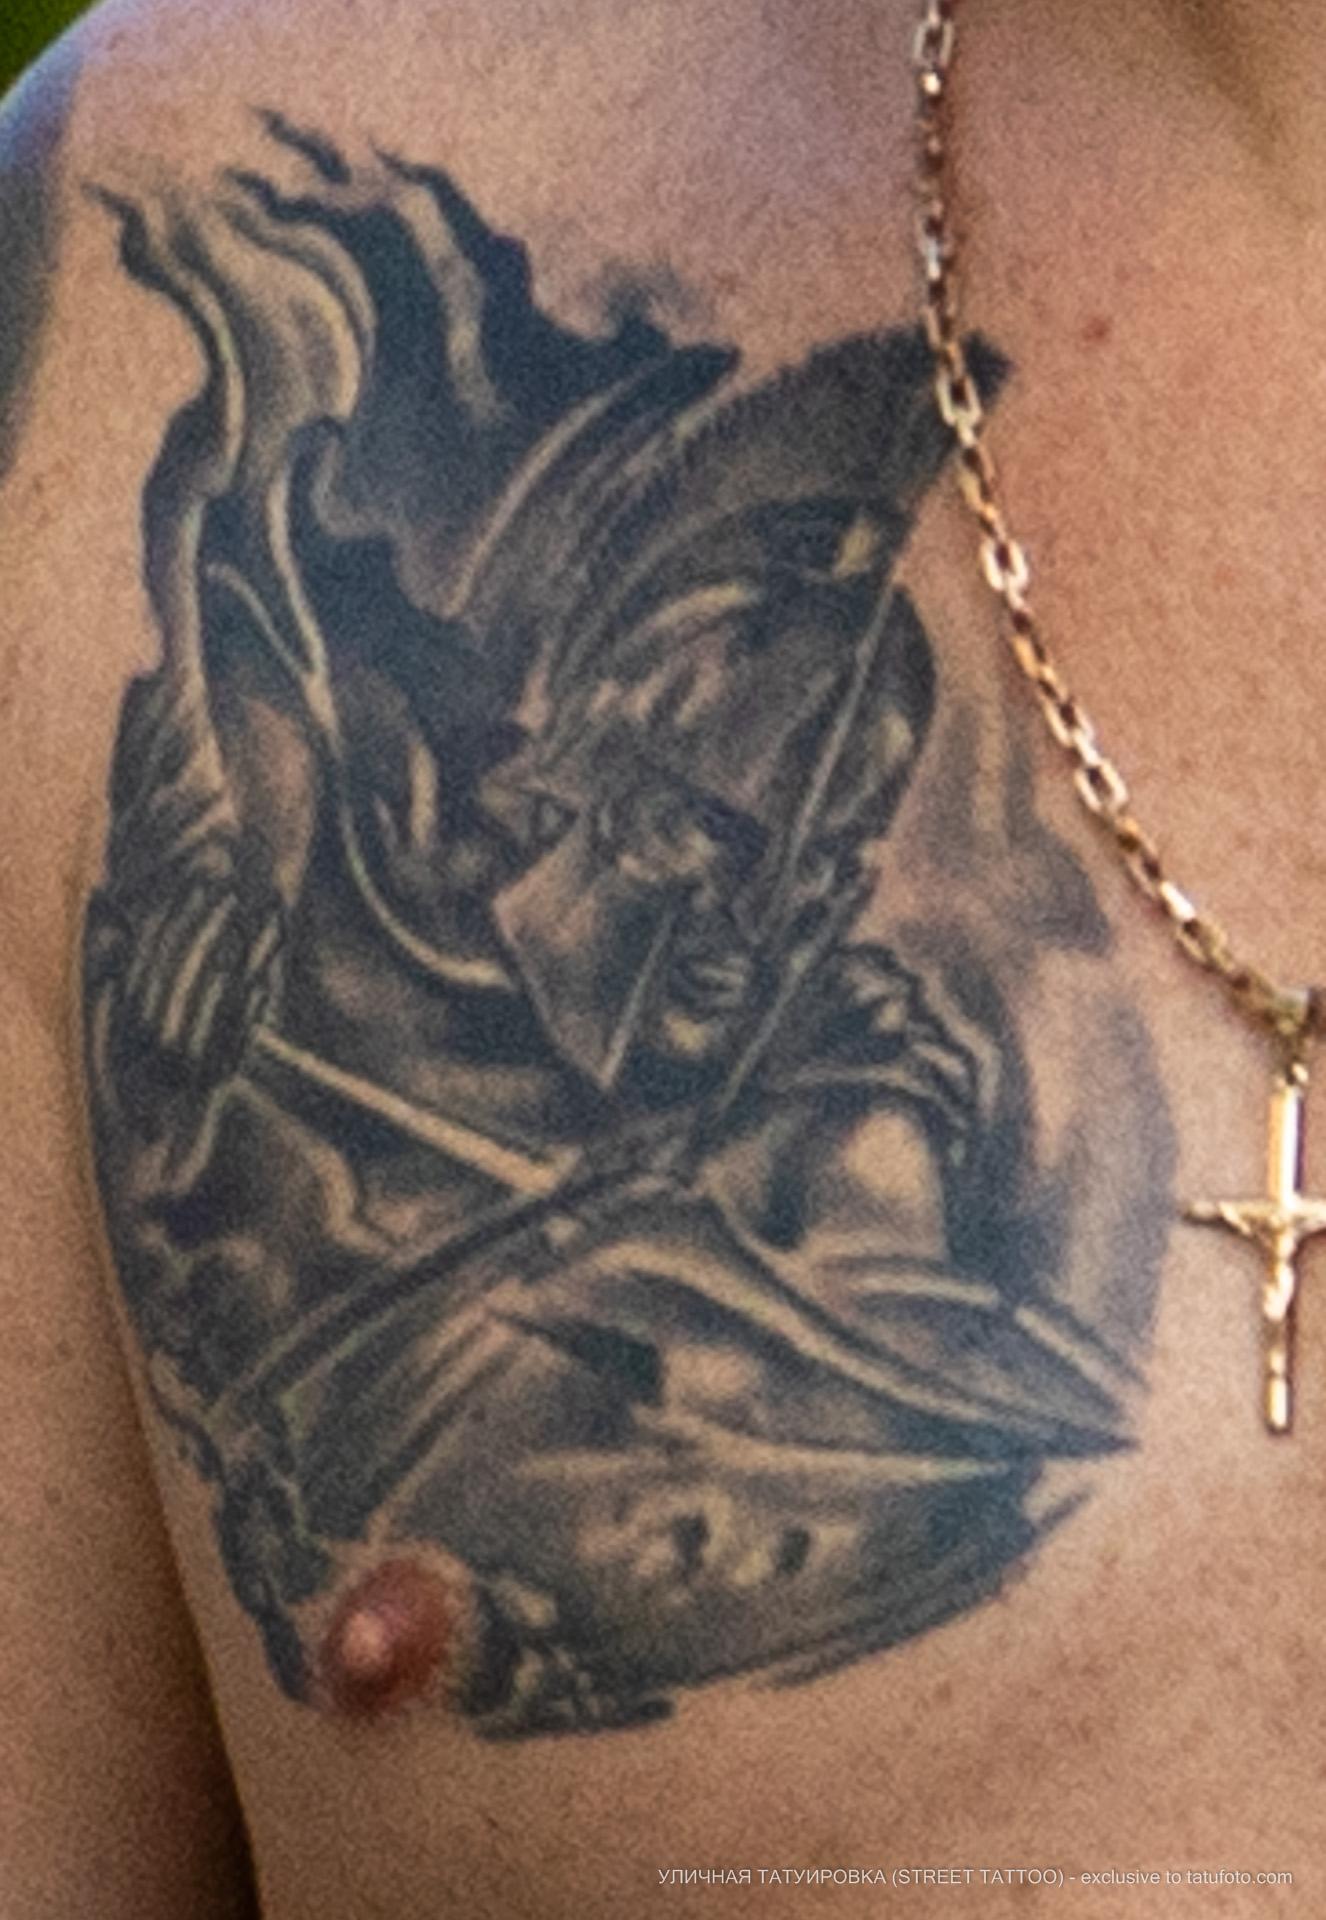 Тату с воином спарты на груди мужчины - Уличная татуировка (street tattoo) № 06 – 18.06.2020 – tatufoto.com 1